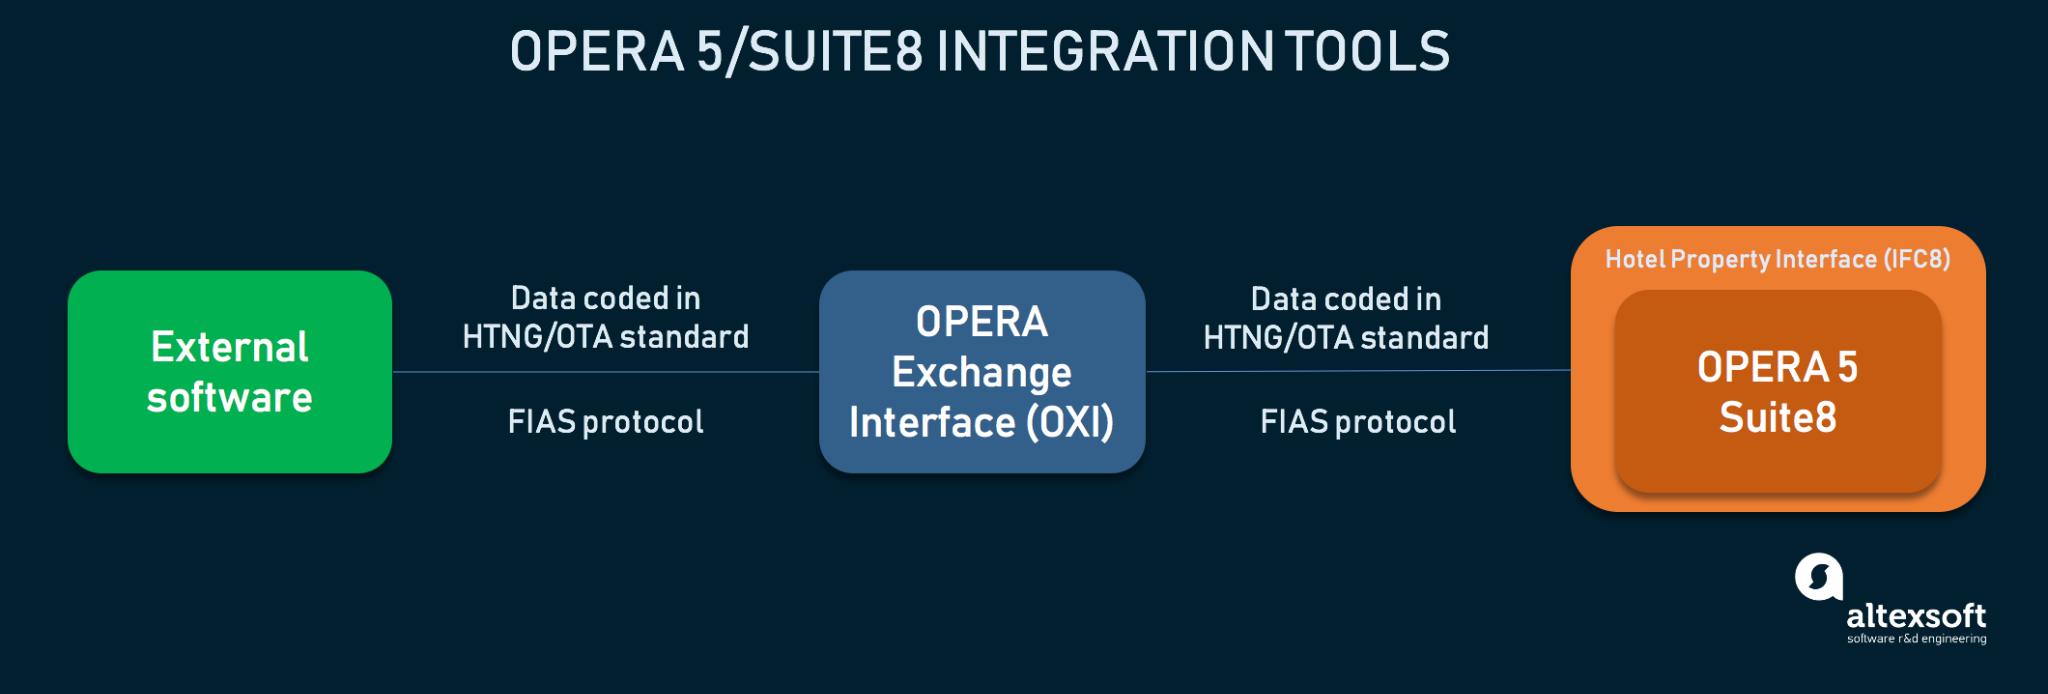 Opera 5/Suite8 integration process